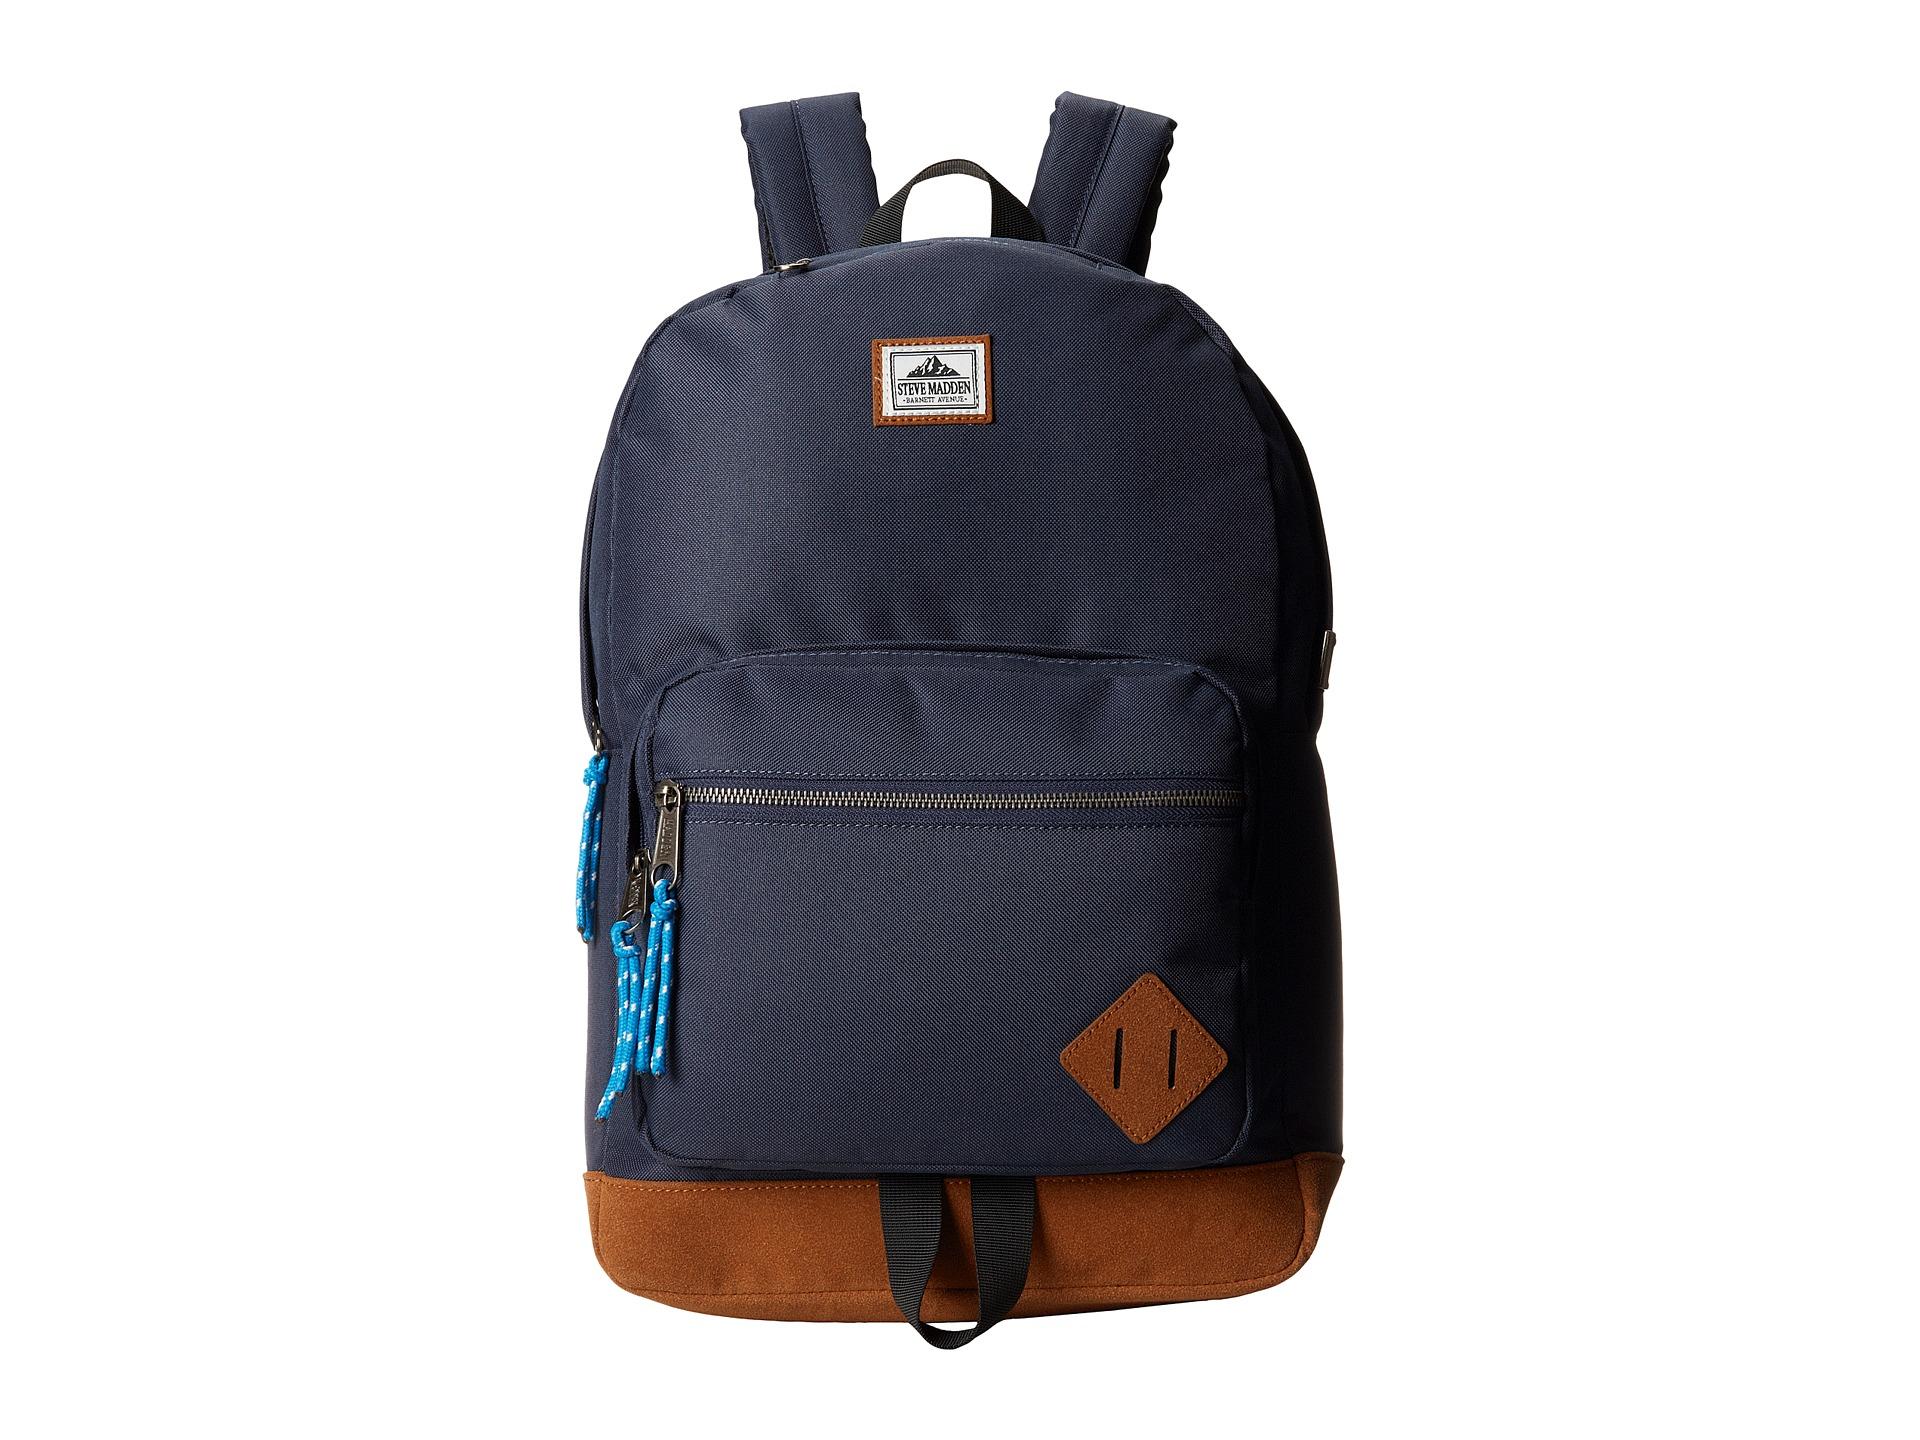 79f055d07c Steve Madden Classic Sport Backpack in Blue for Men - Lyst